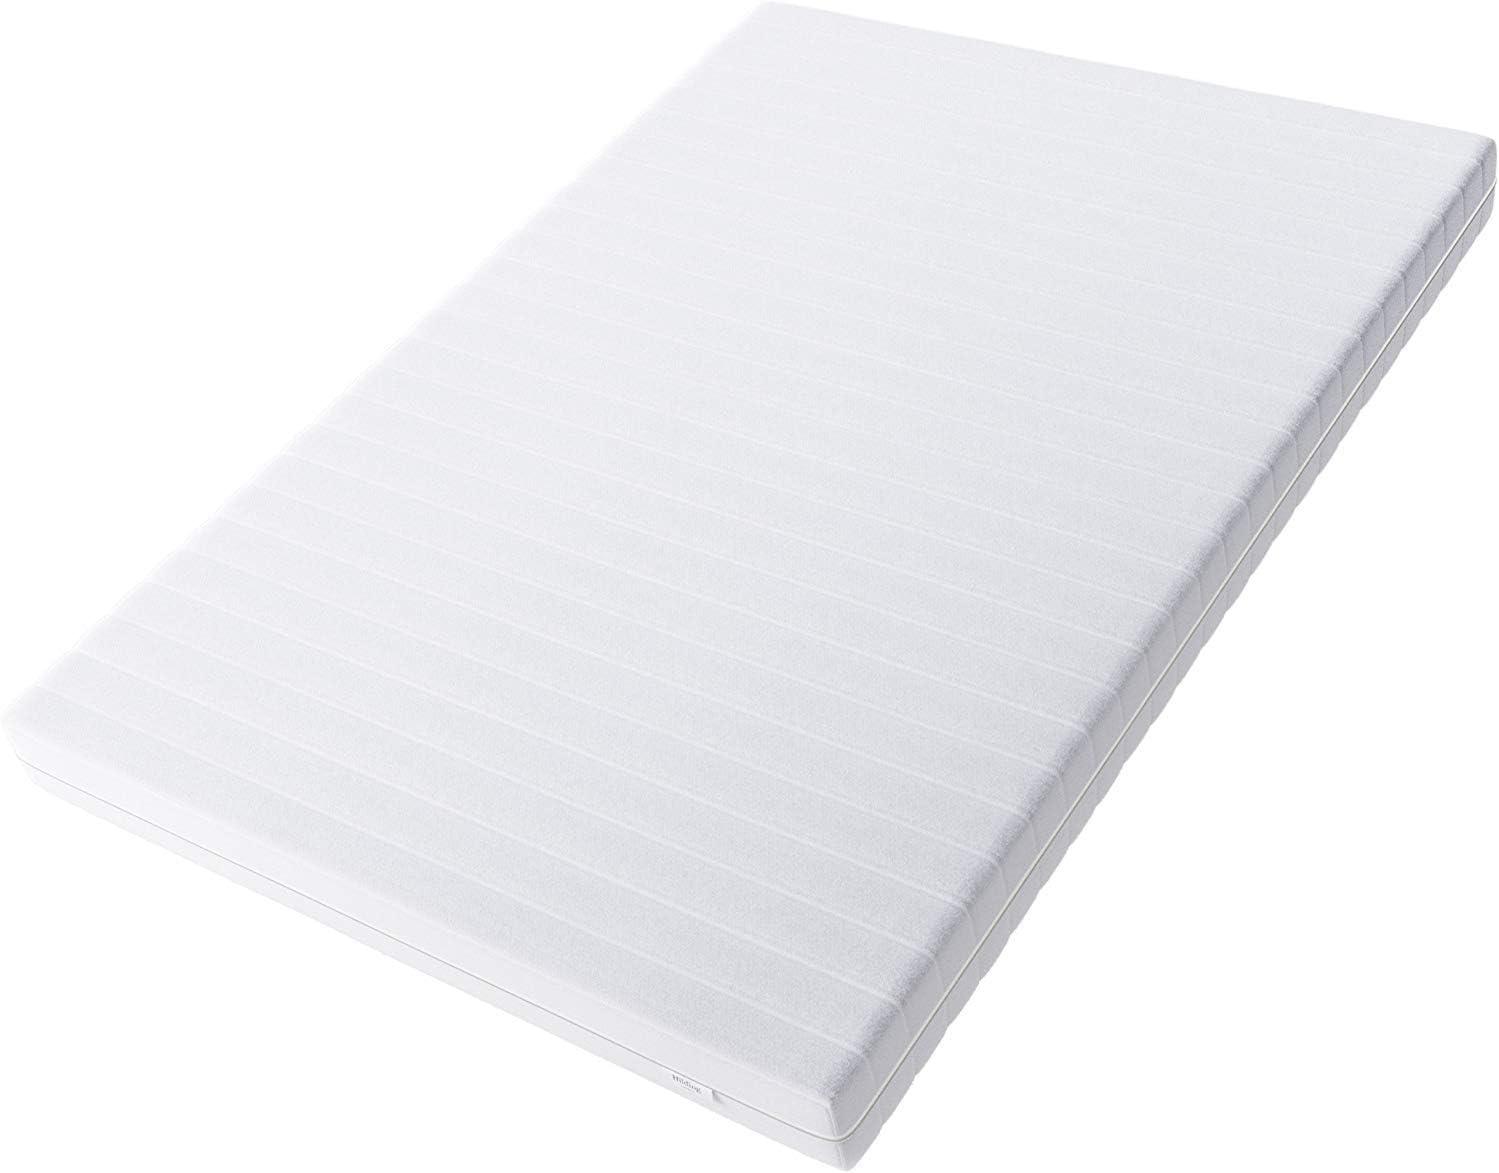 Hilding Sweden Essentials Colchón de espuma blanca / colchón ortopédico mediano de 7 zonas para todo tipo de sueño (H2-H3) Clásico / 200 x 90 x 16 cm